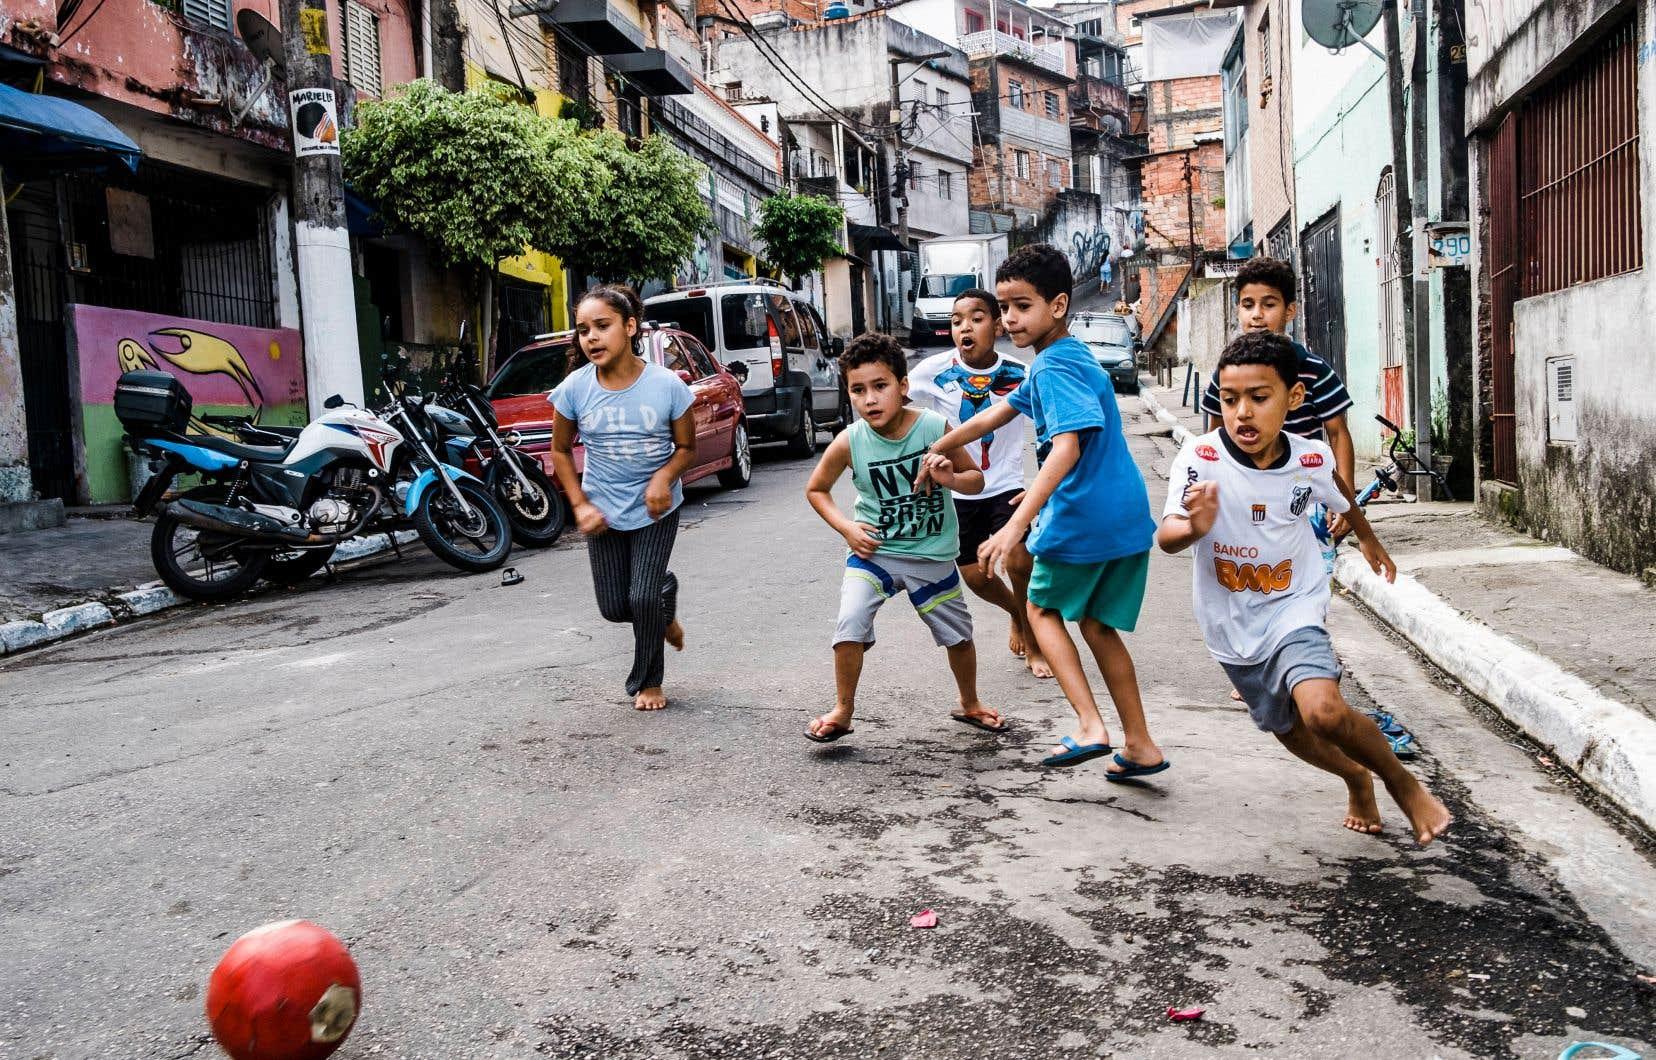 Des enfants jouent au soccer à São Paulo.